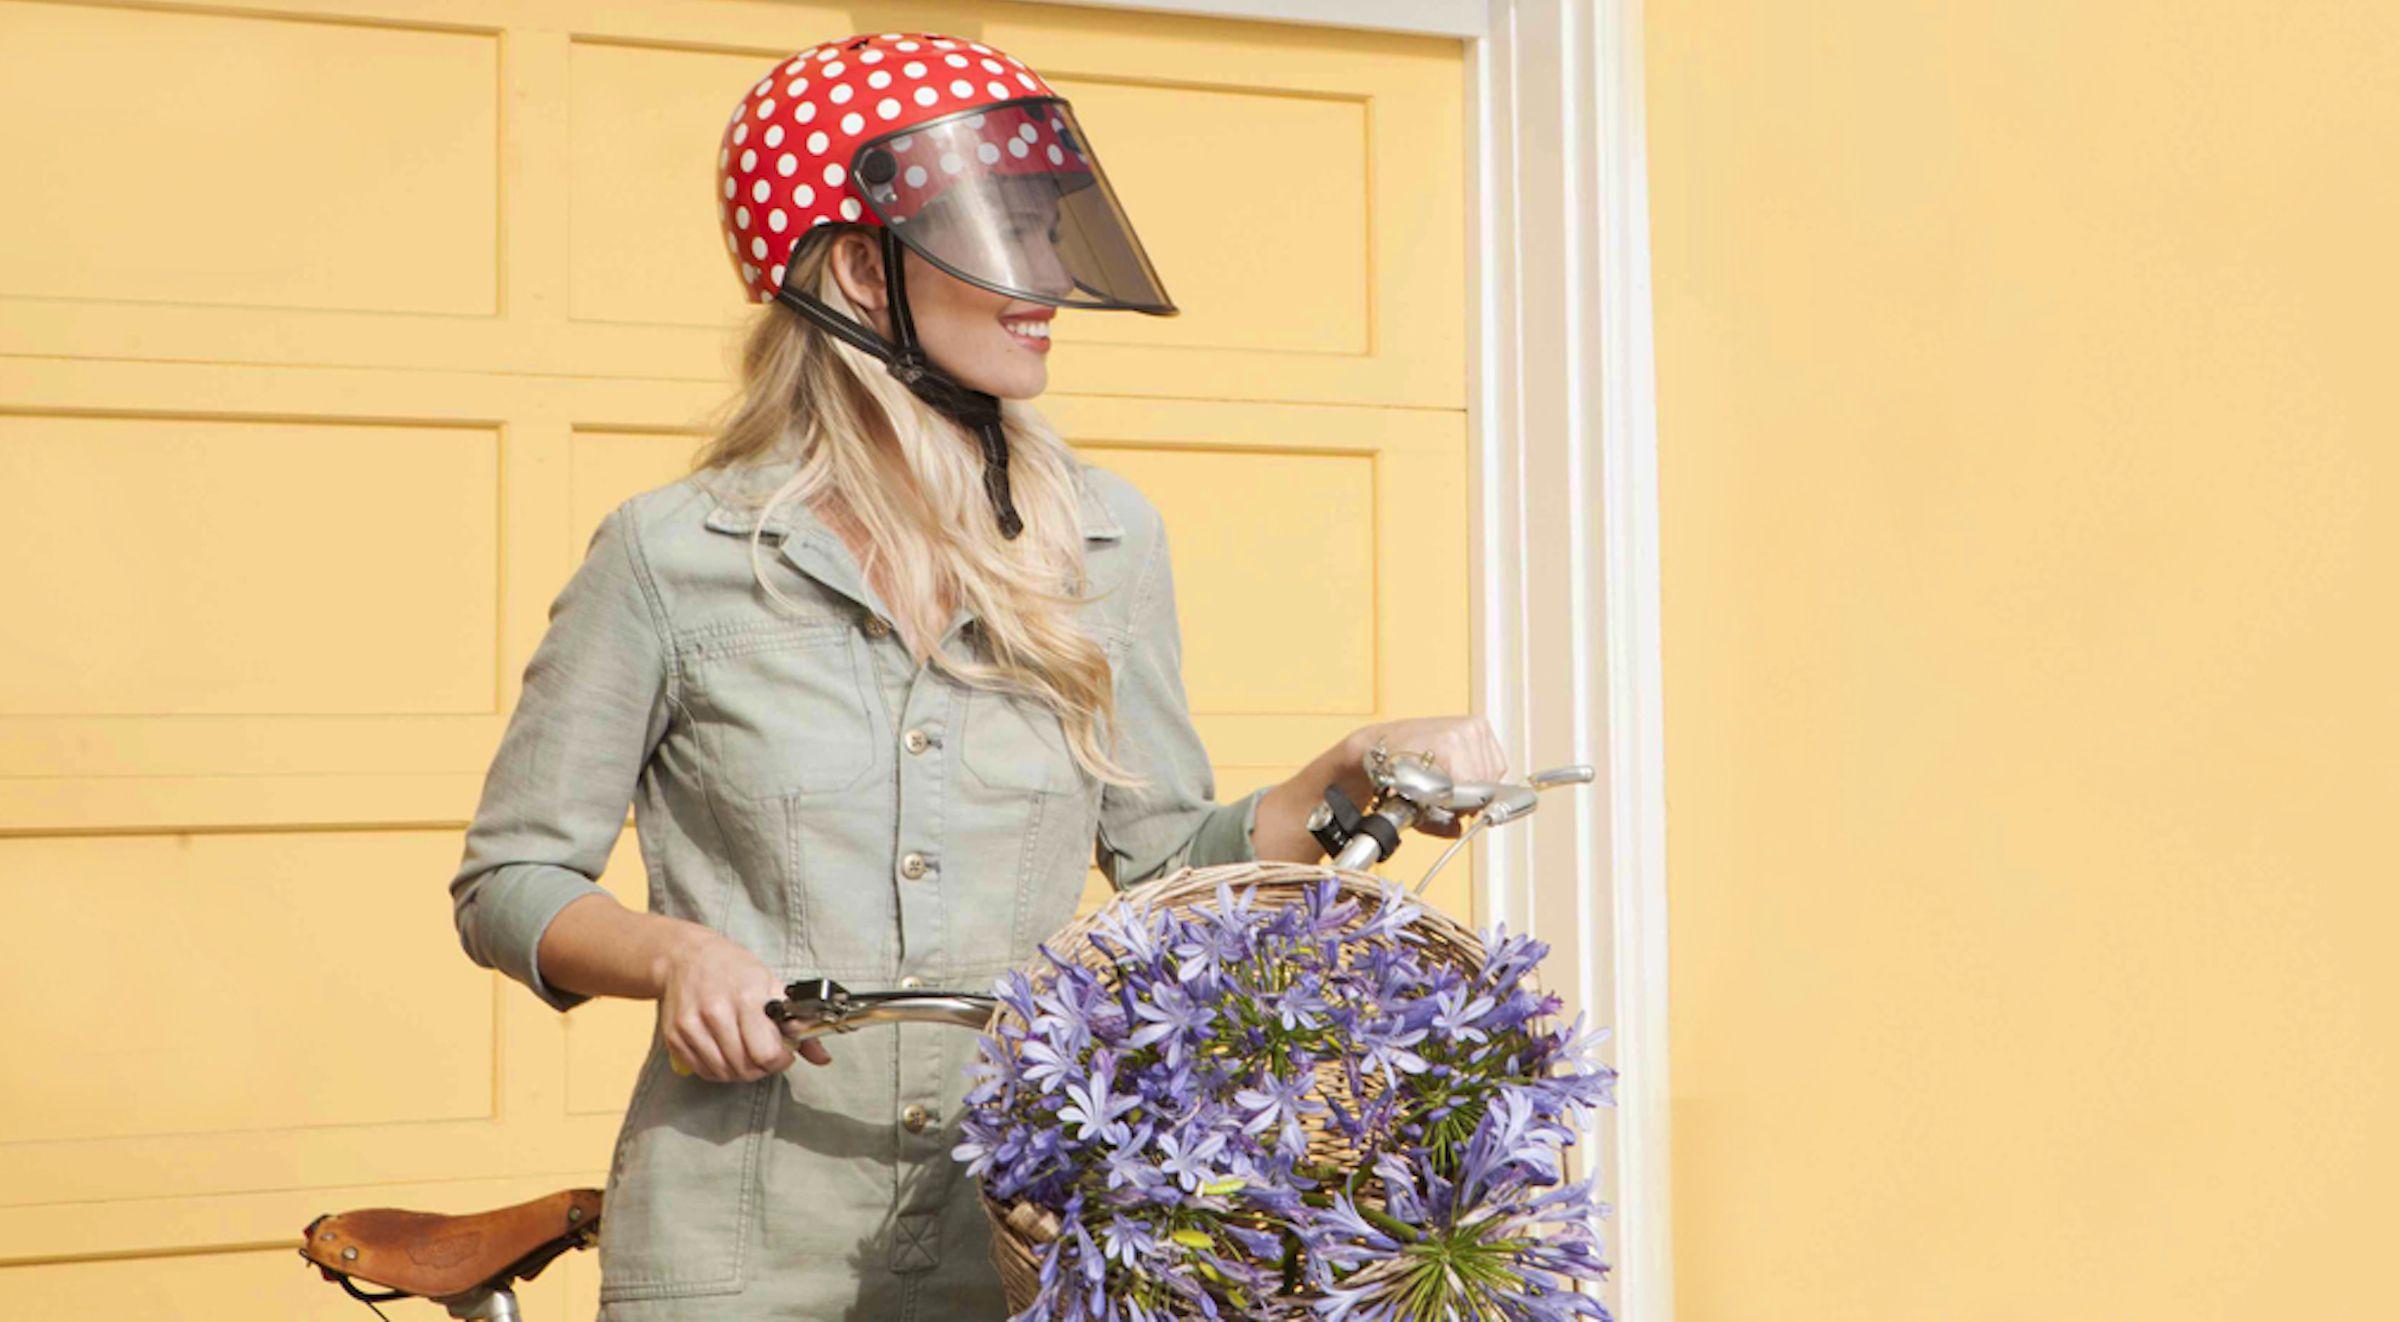 Bouclier visor for sun protection on bike helmet.